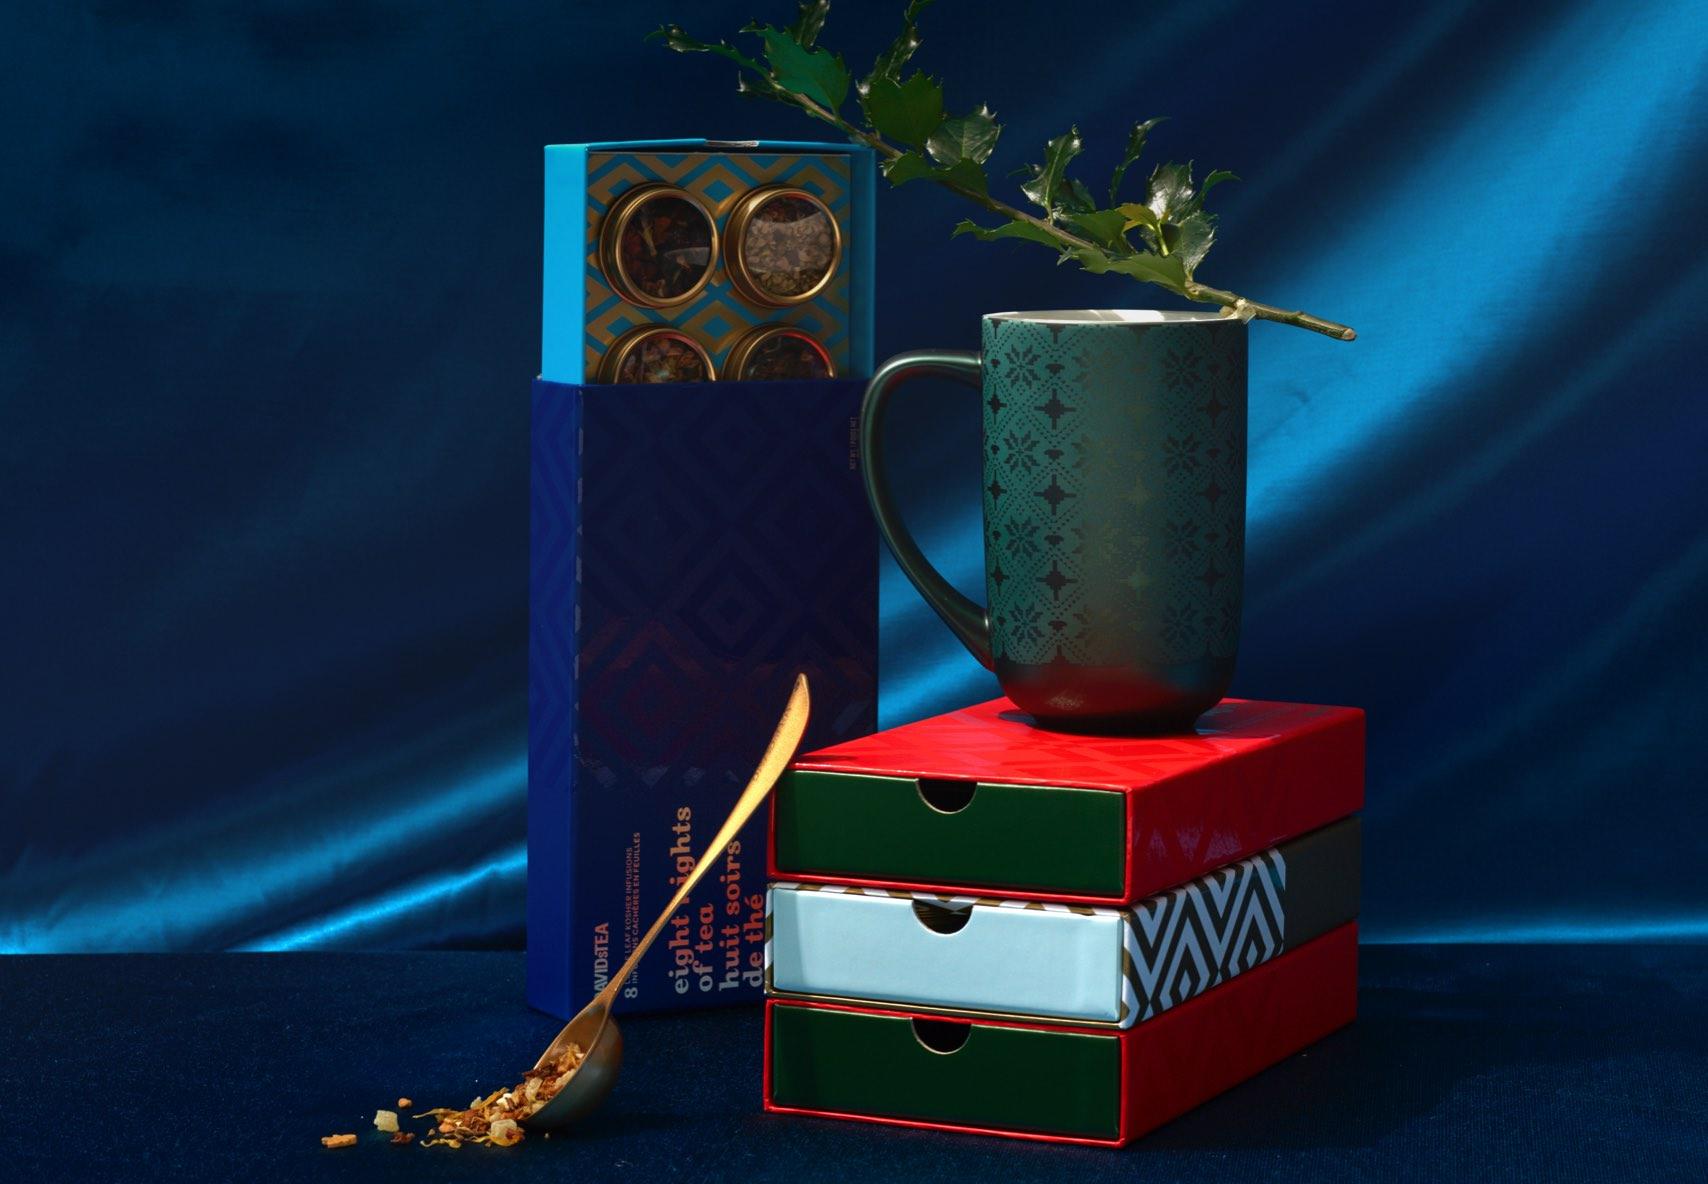 Boîtes de 8 thés empilées. Une Tasse Nordic est placée sur le dessus de trois boîtes de 8 thés, avec une Cuillère parfaite.